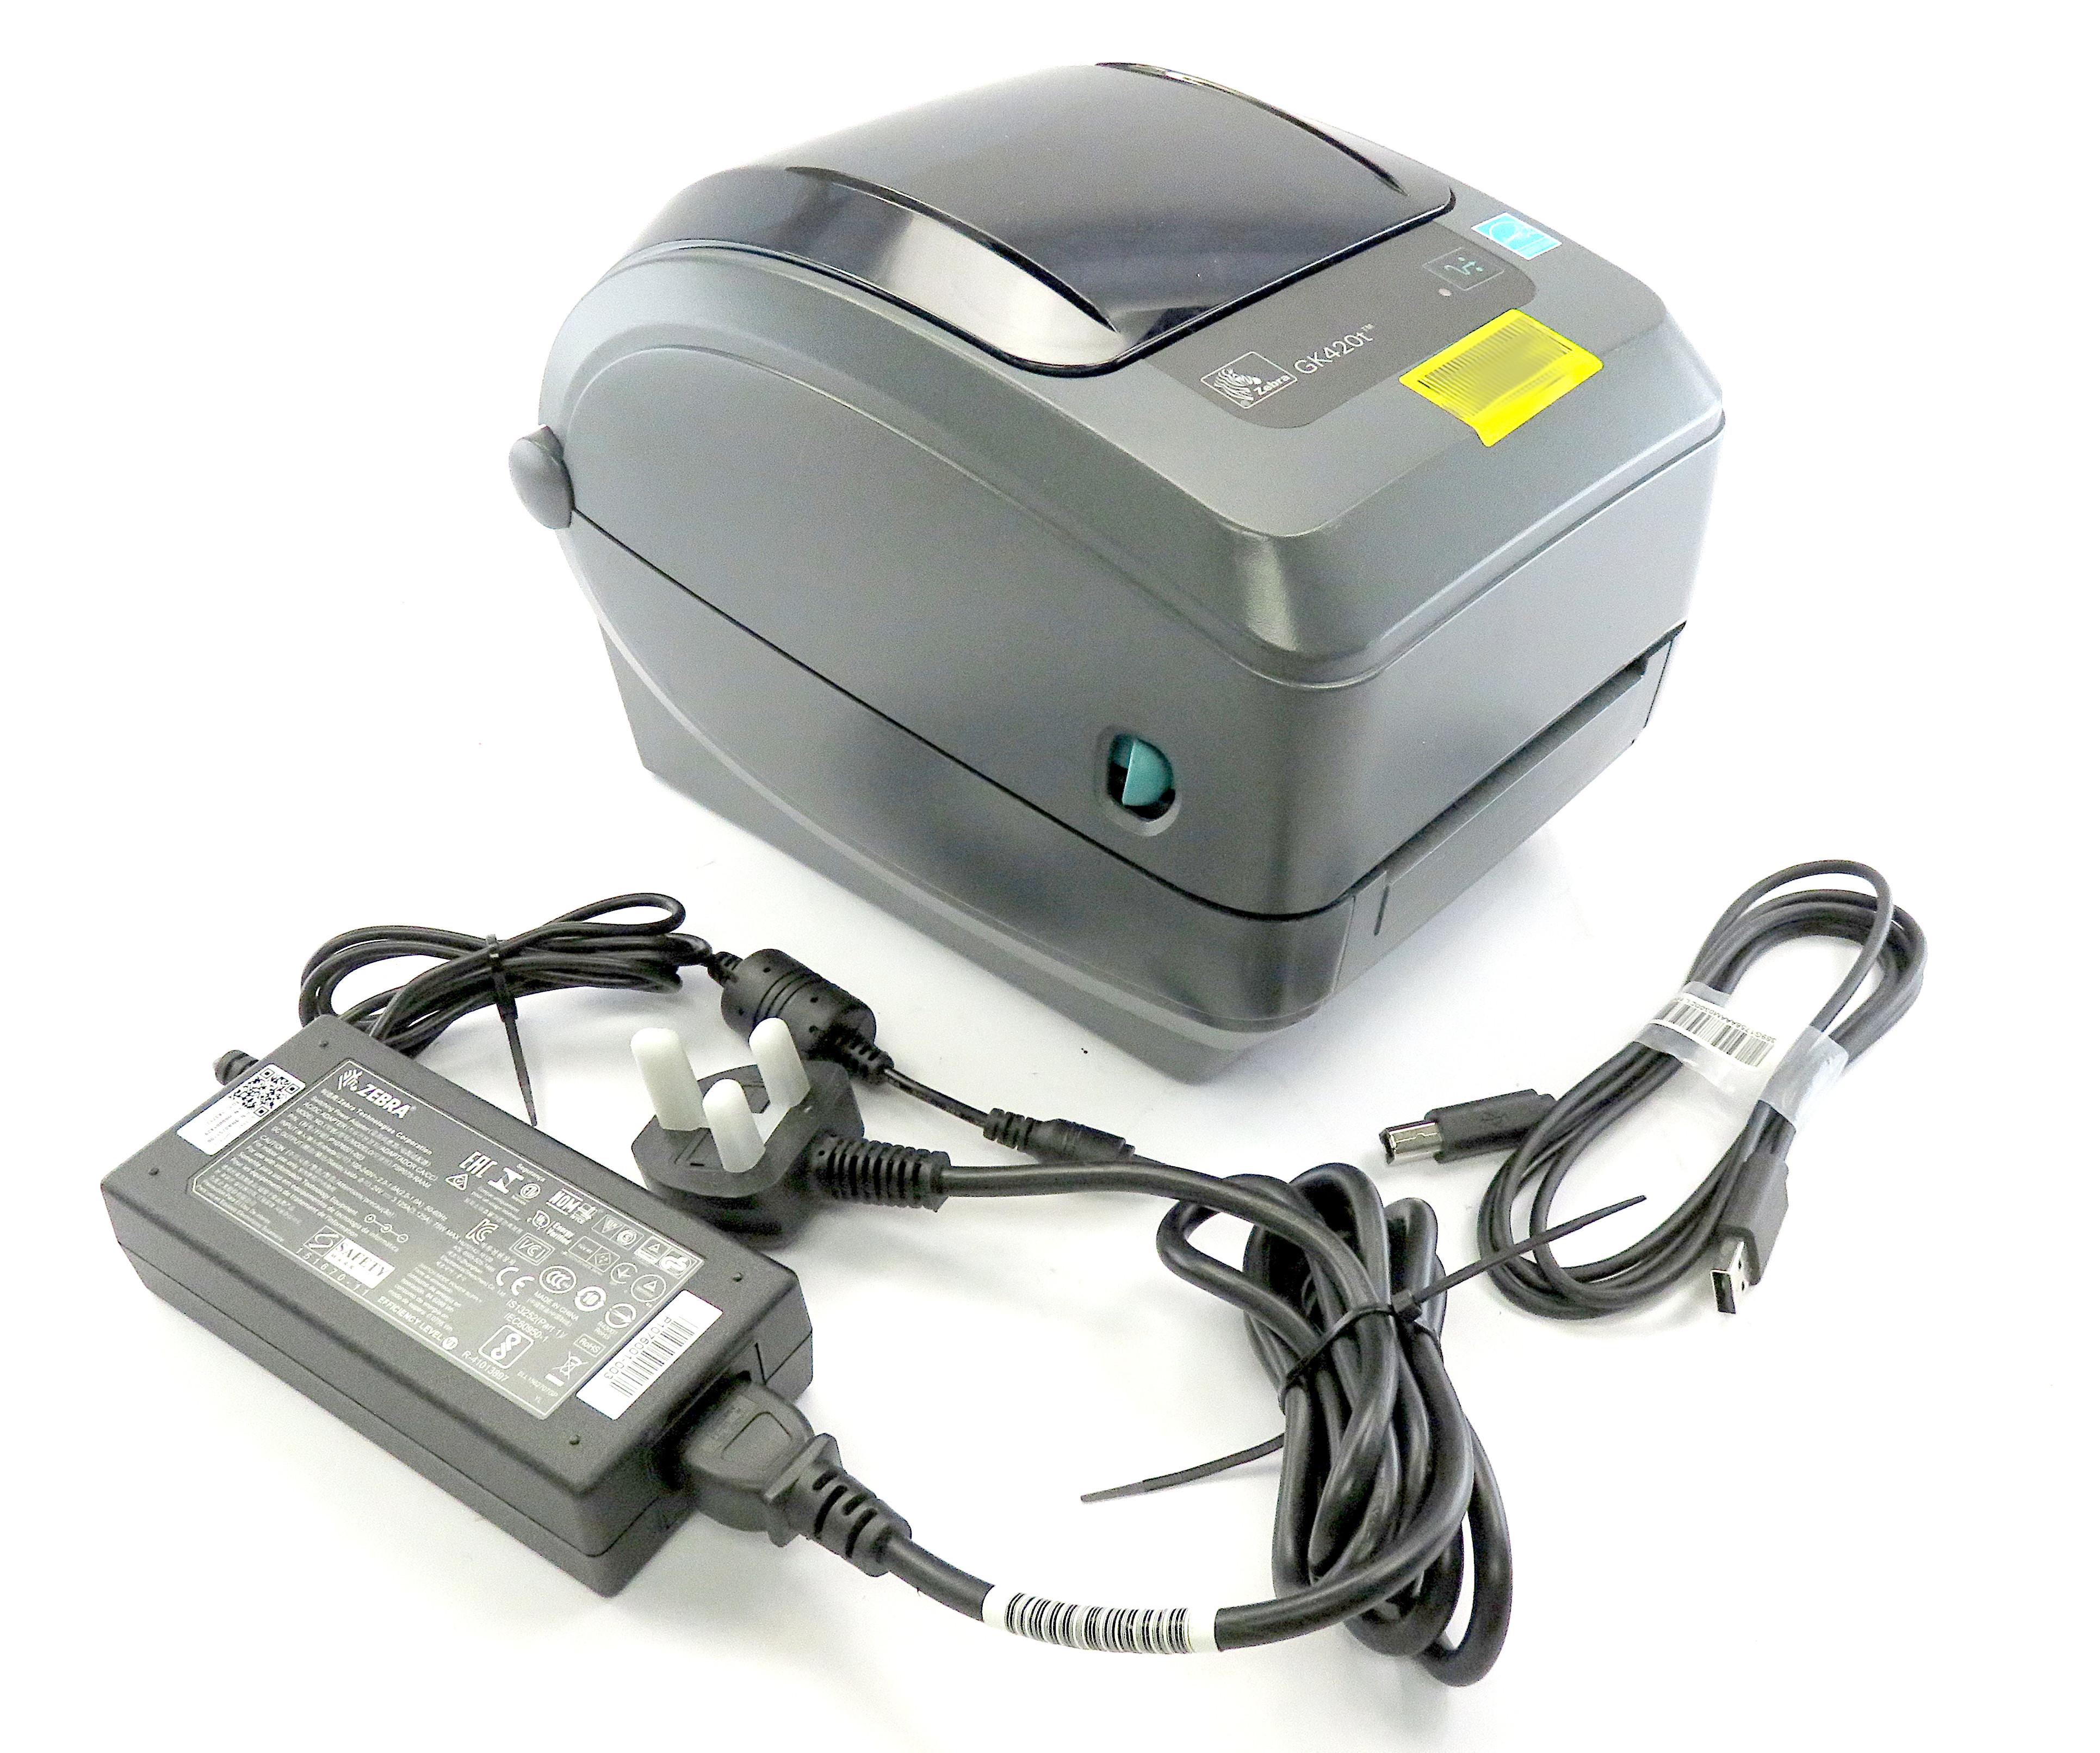 Zebra GK420t Thermal Transfer Label Printer with USB/PSU GK42-102520-000